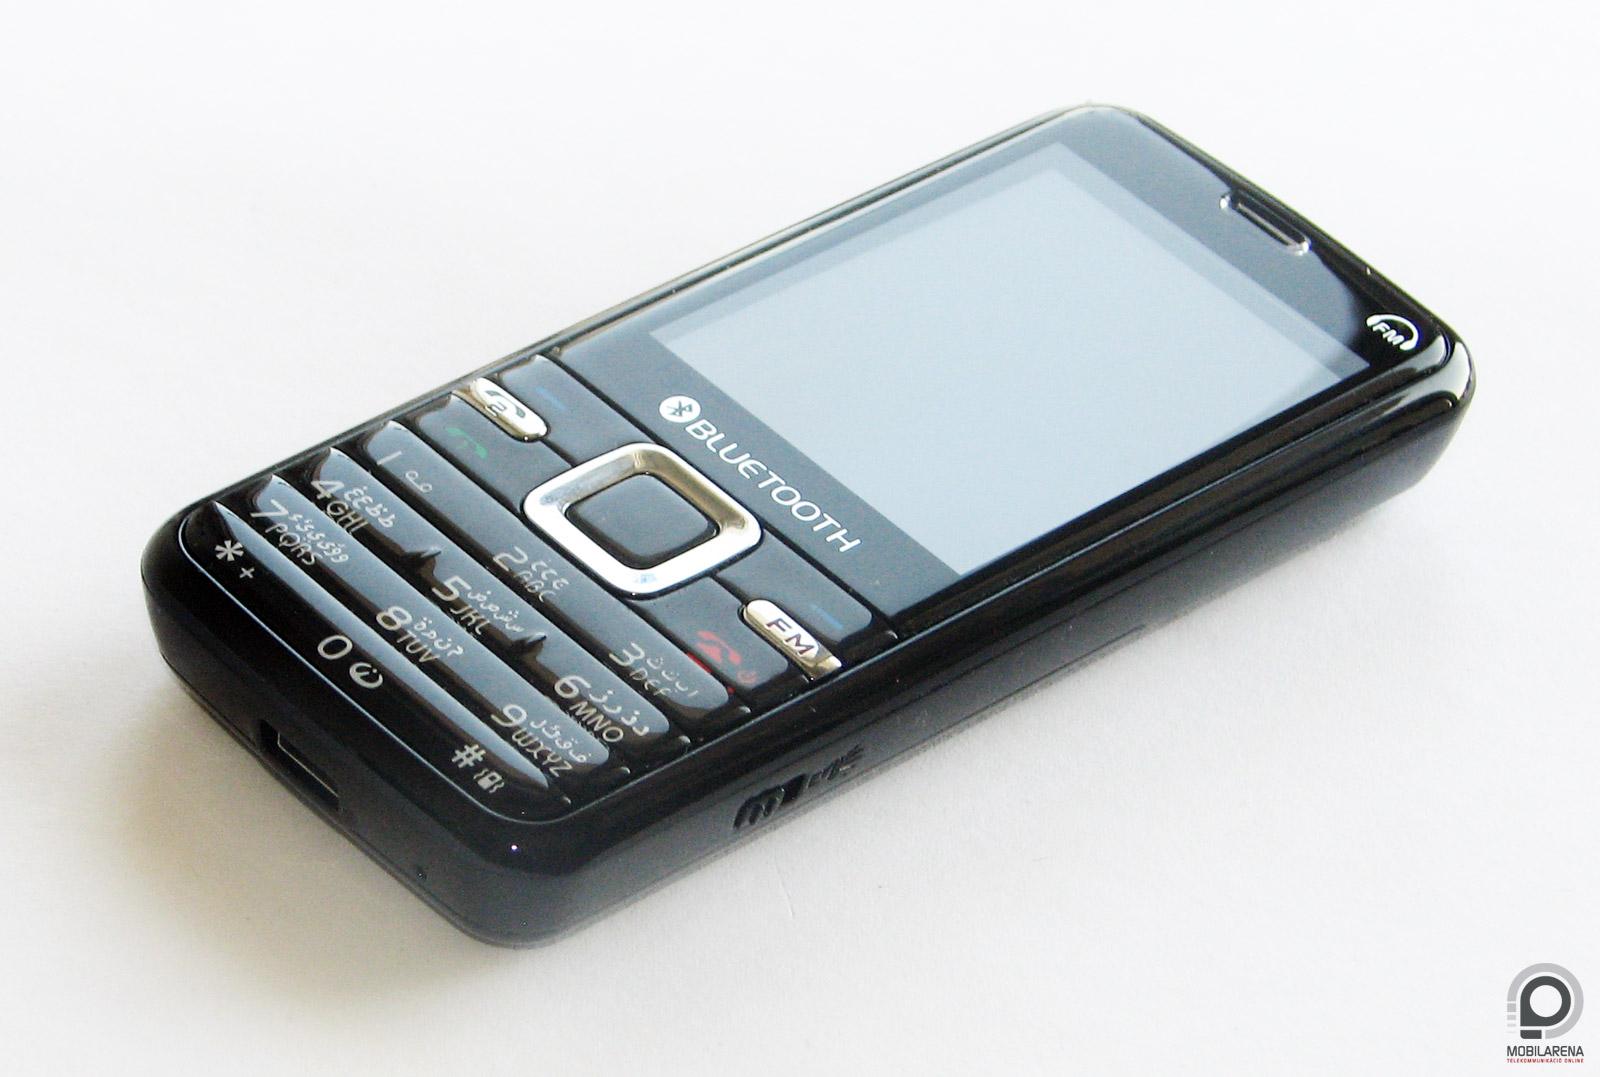 Randevú alkalmazások java telefonokhoz